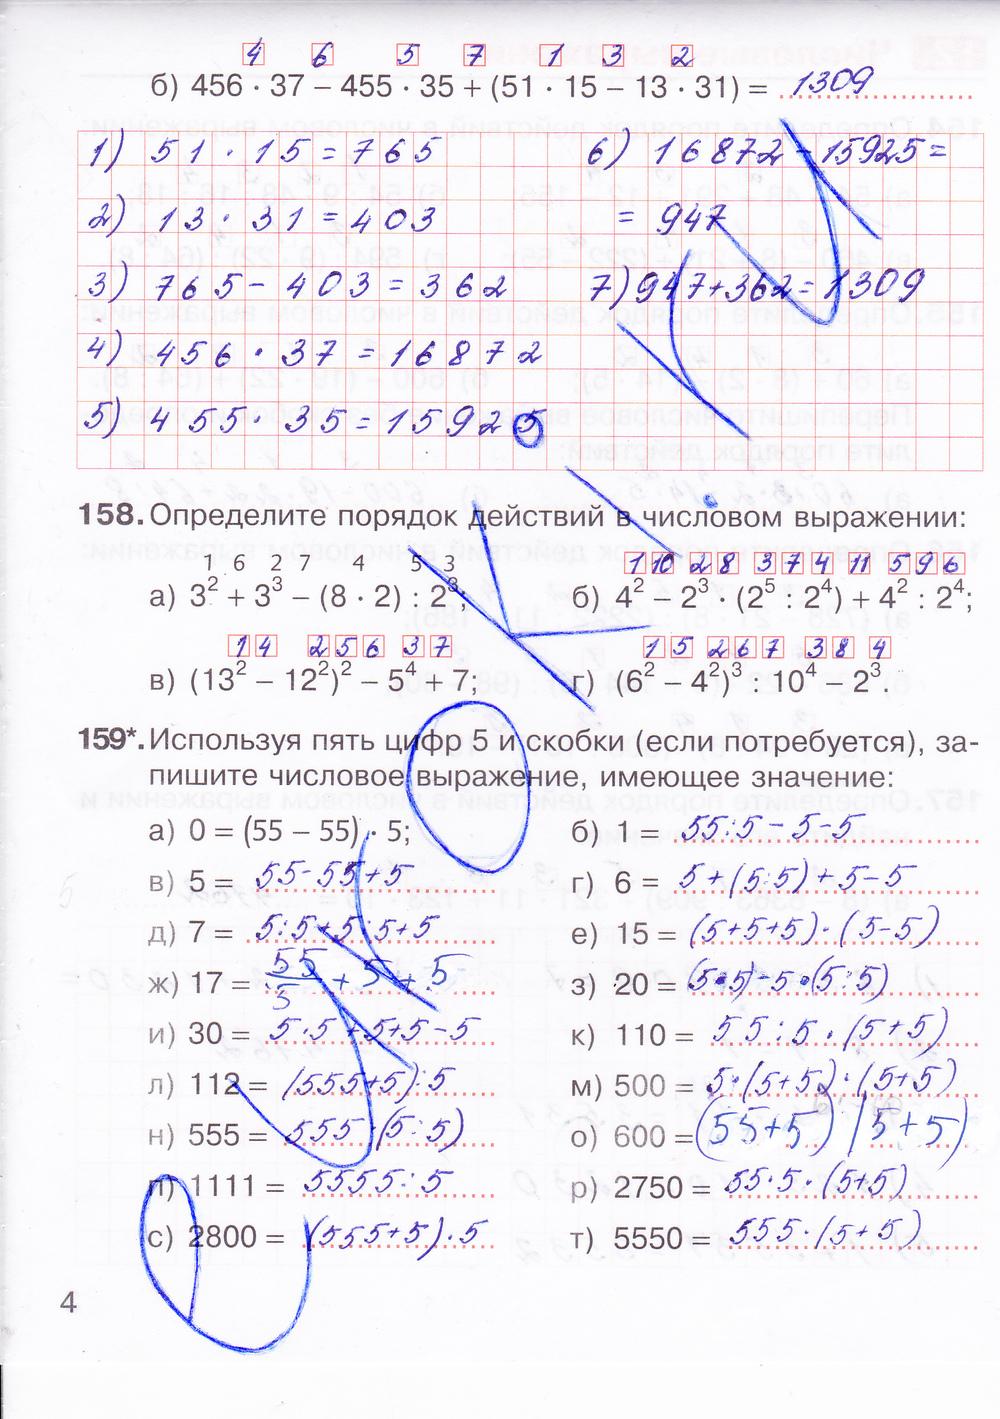 ГДЗ по математике 5 класс рабочая тетрадь Потапов, Шевкин К учебнику Никольского Часть 1, 2. Задание: стр. 4